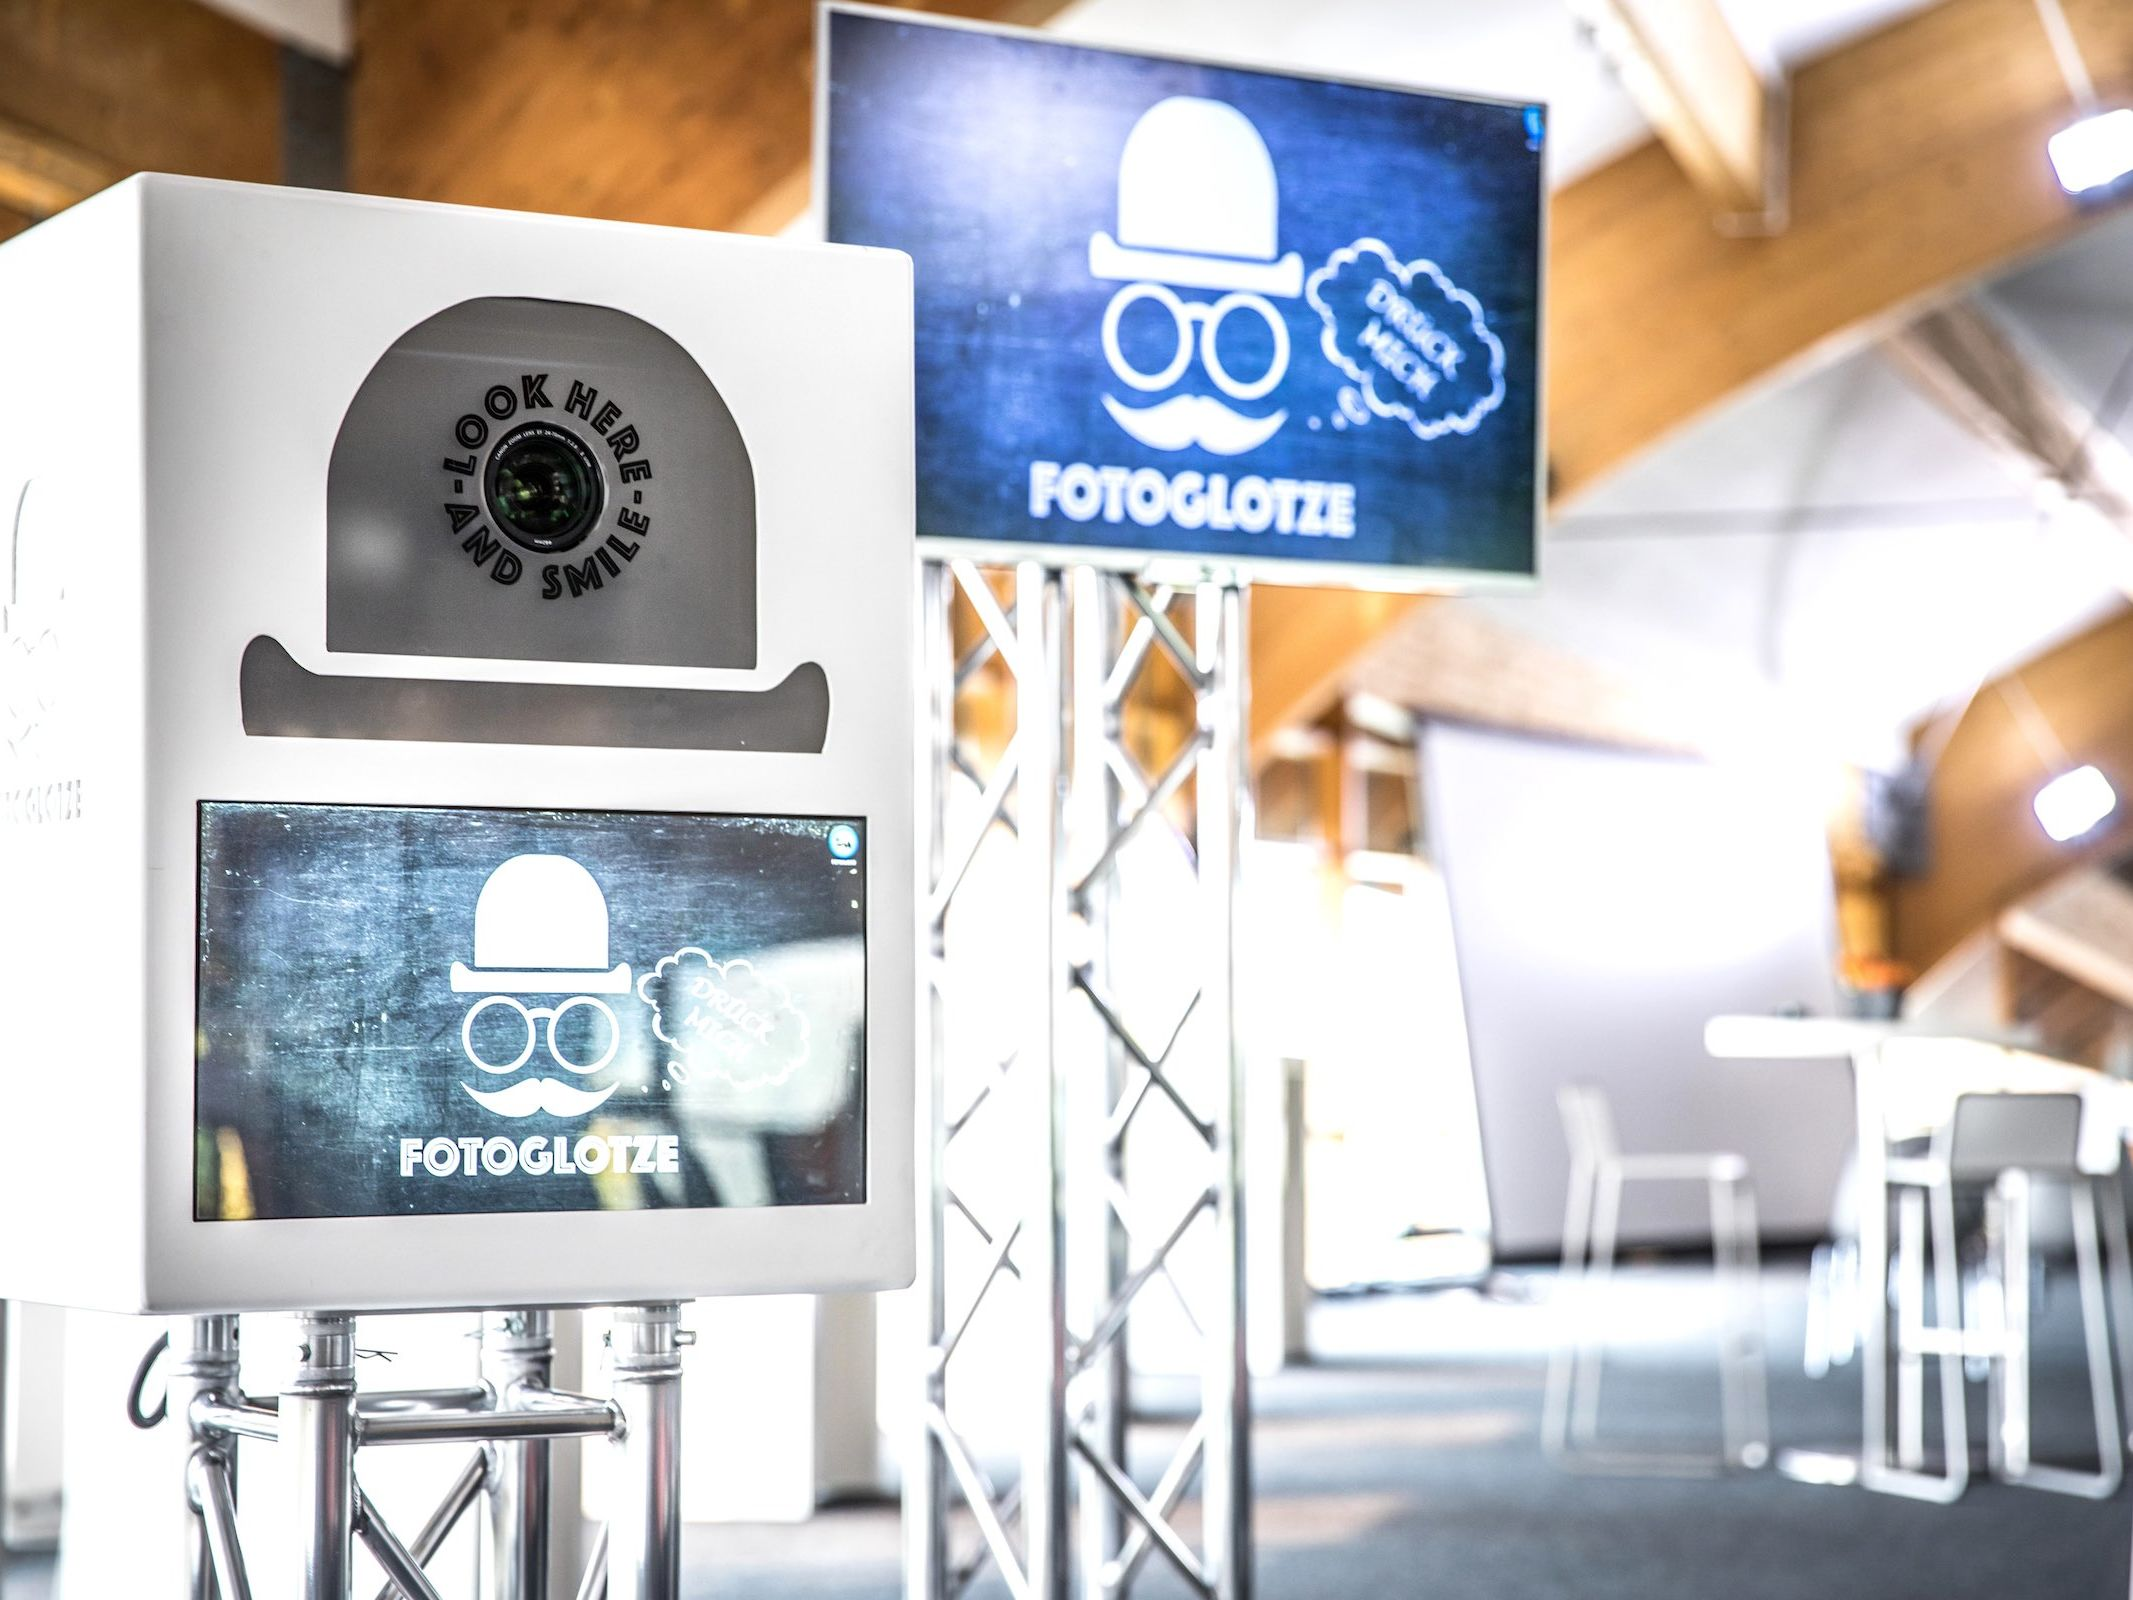 Fotobox | Hochzeit | Hannover | Braunschweig | Sofortdruck | Photobooth | Geburtstg | Messe | Fotokiste | Firmenfeier | Fotoautomat | Hochzeit | Mieten | Fotoglotze | Buchen | Lehmann | Eventservice